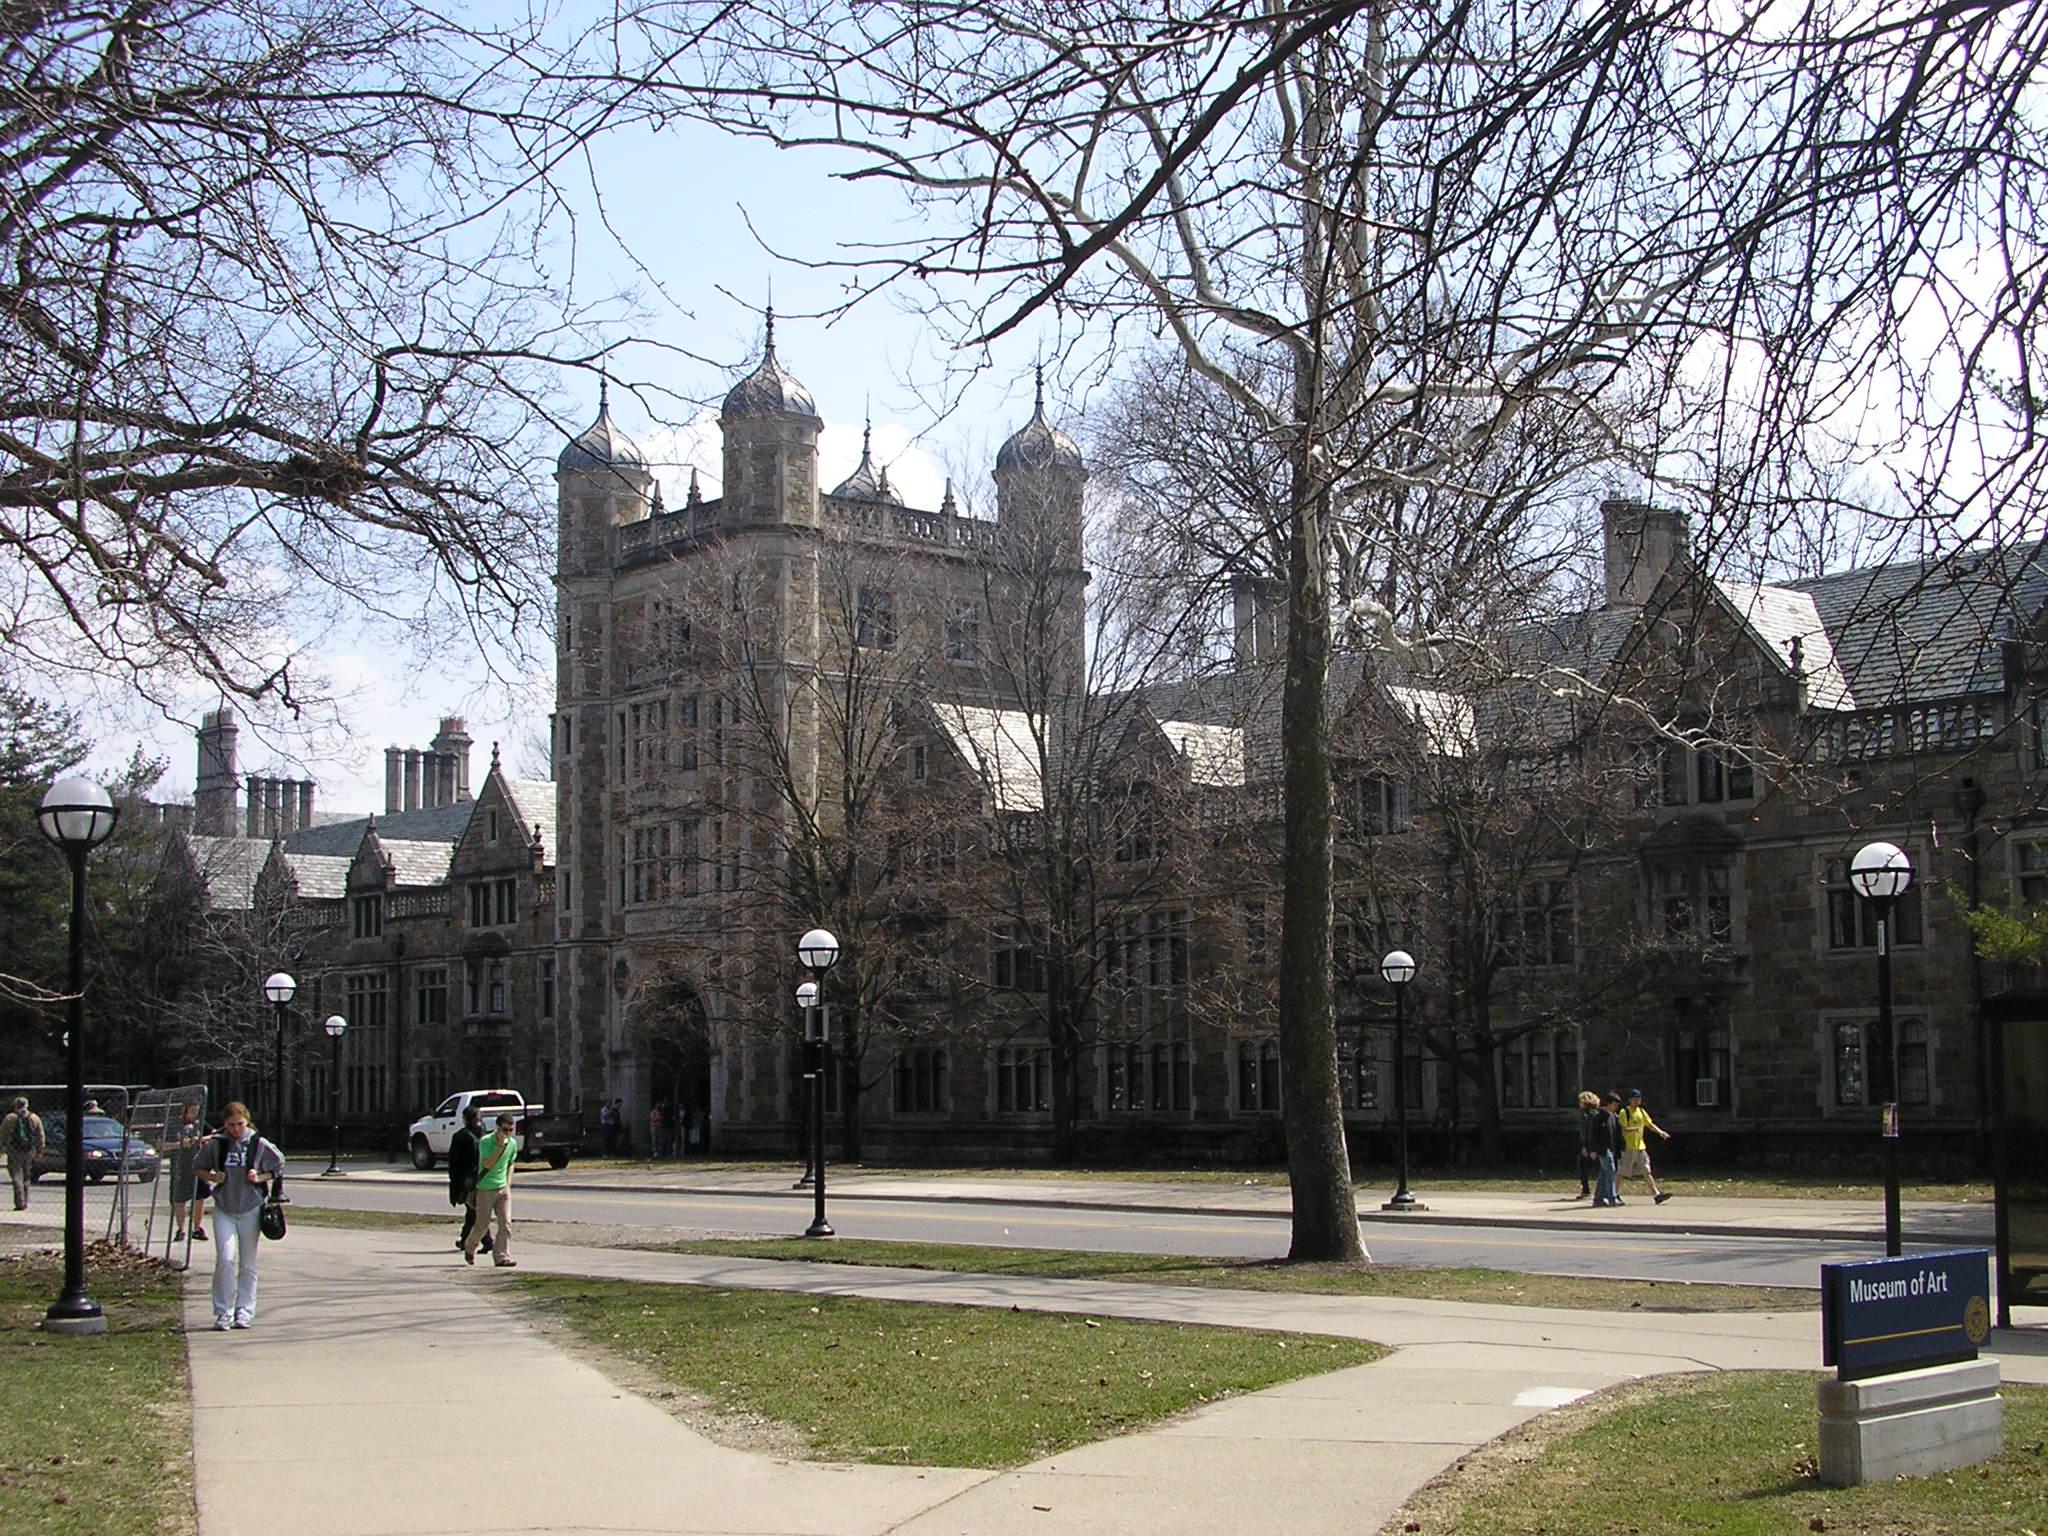 University of Michigan campus in Ann Arbor, Michigan